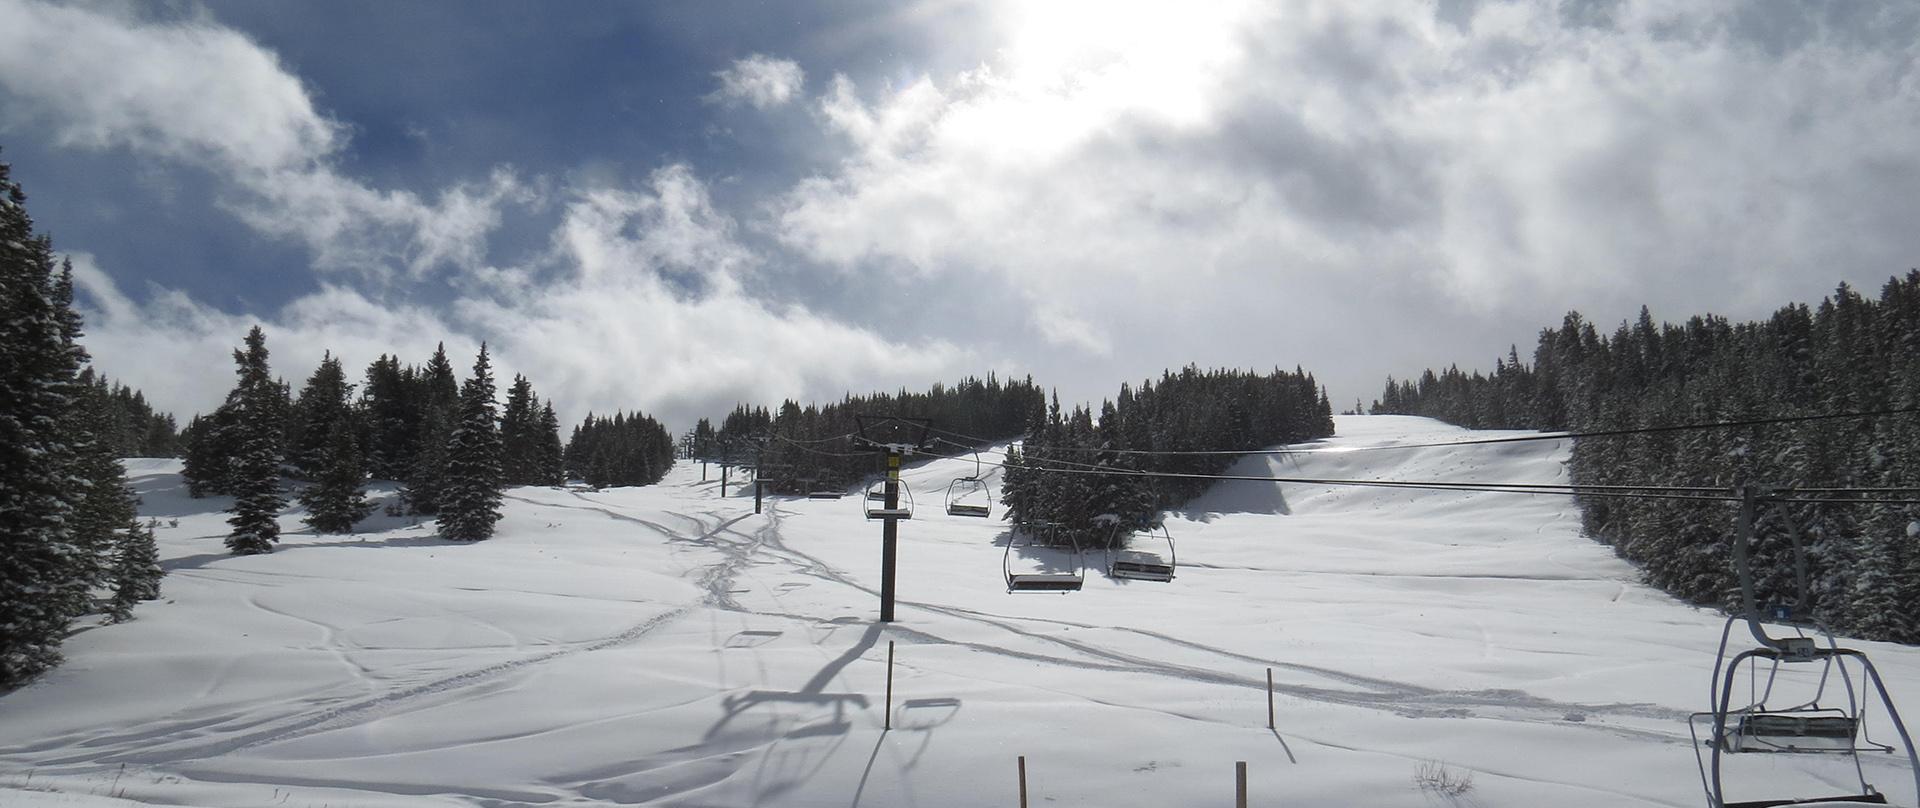 snowy runs near the triple chair